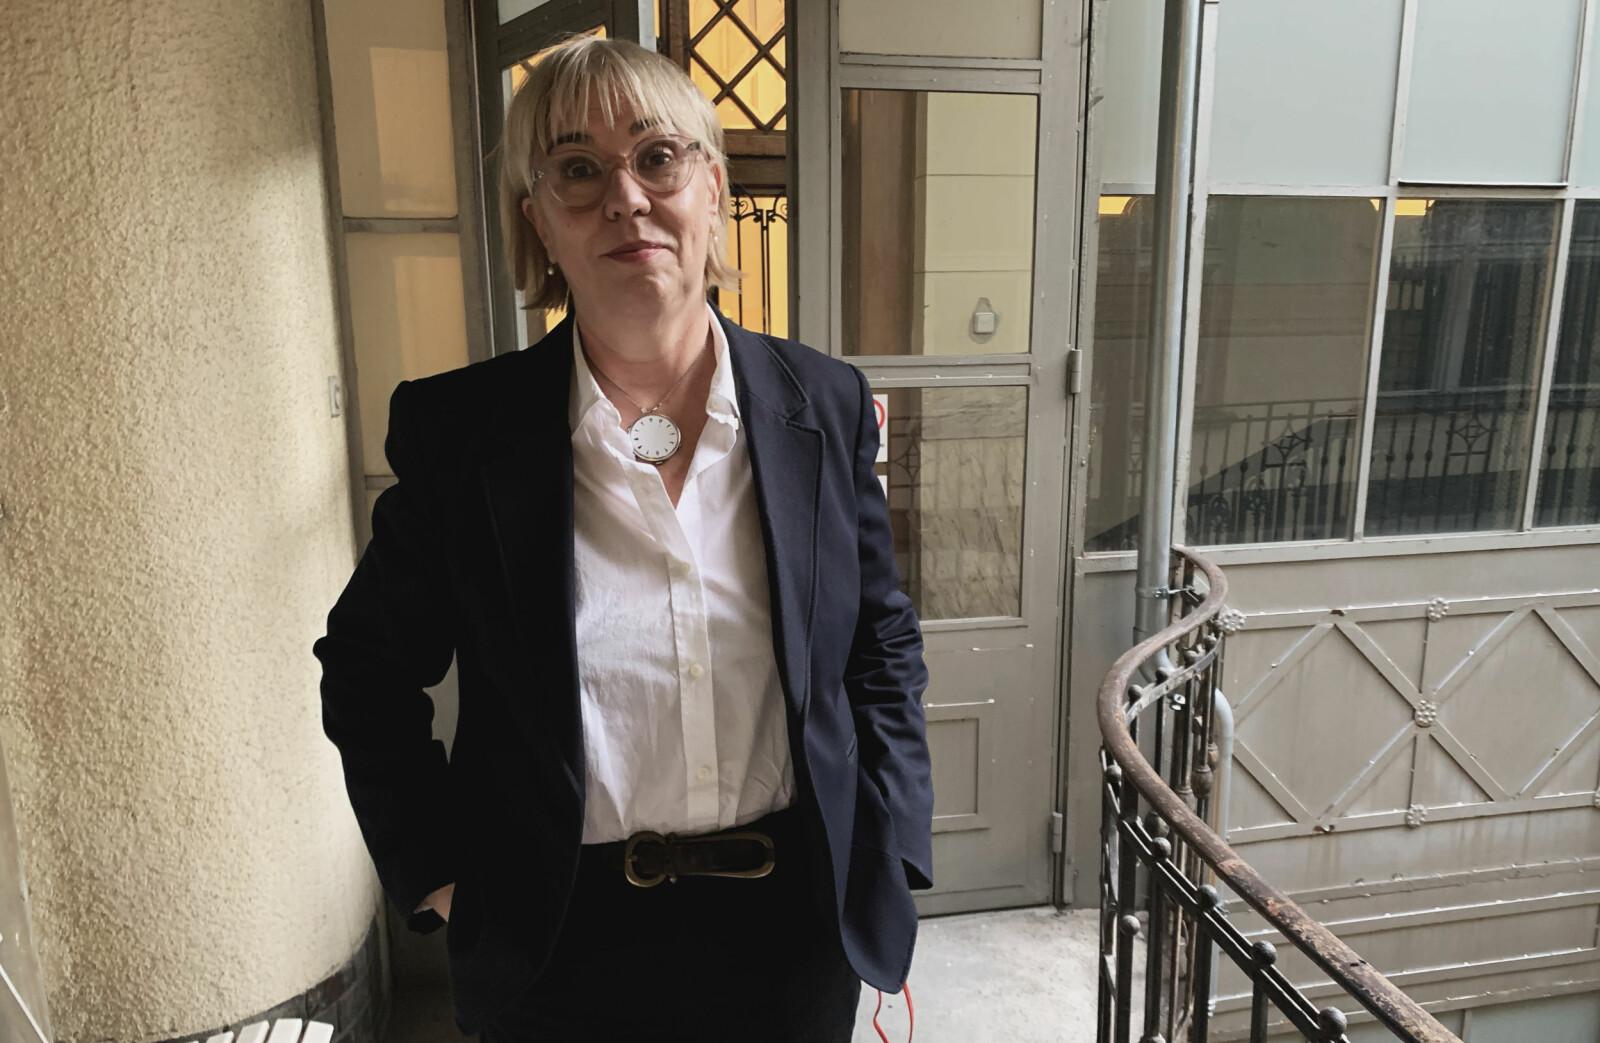 Andrea Pető er optimist til tross for angrepet mot kjønnsstudier i Ungarn.